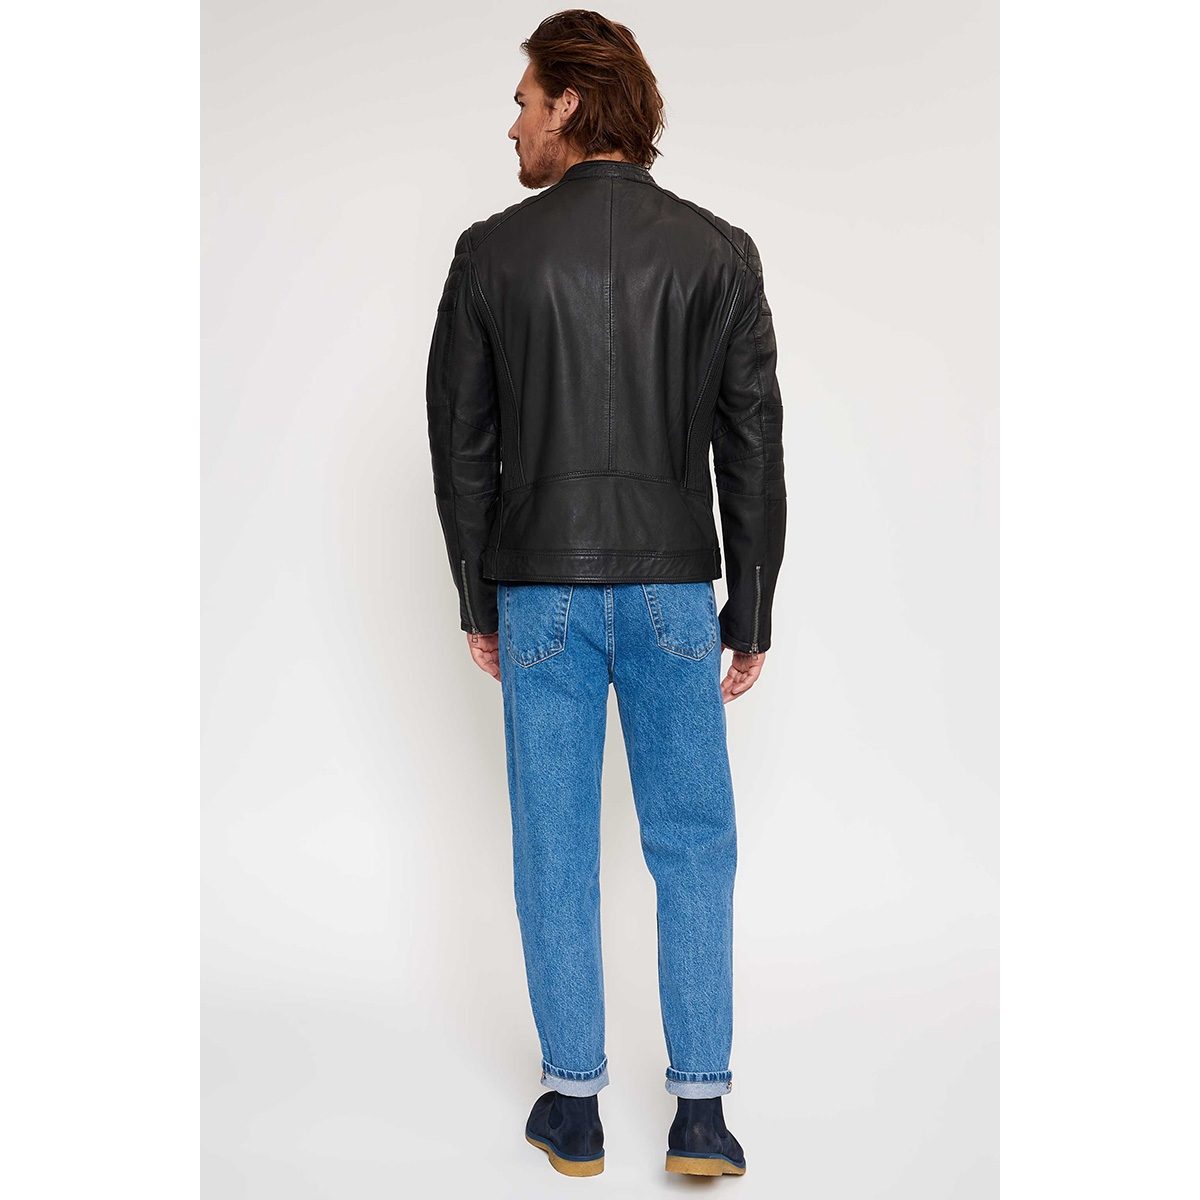 jacket 965 100002010 goosecraft leren jas black